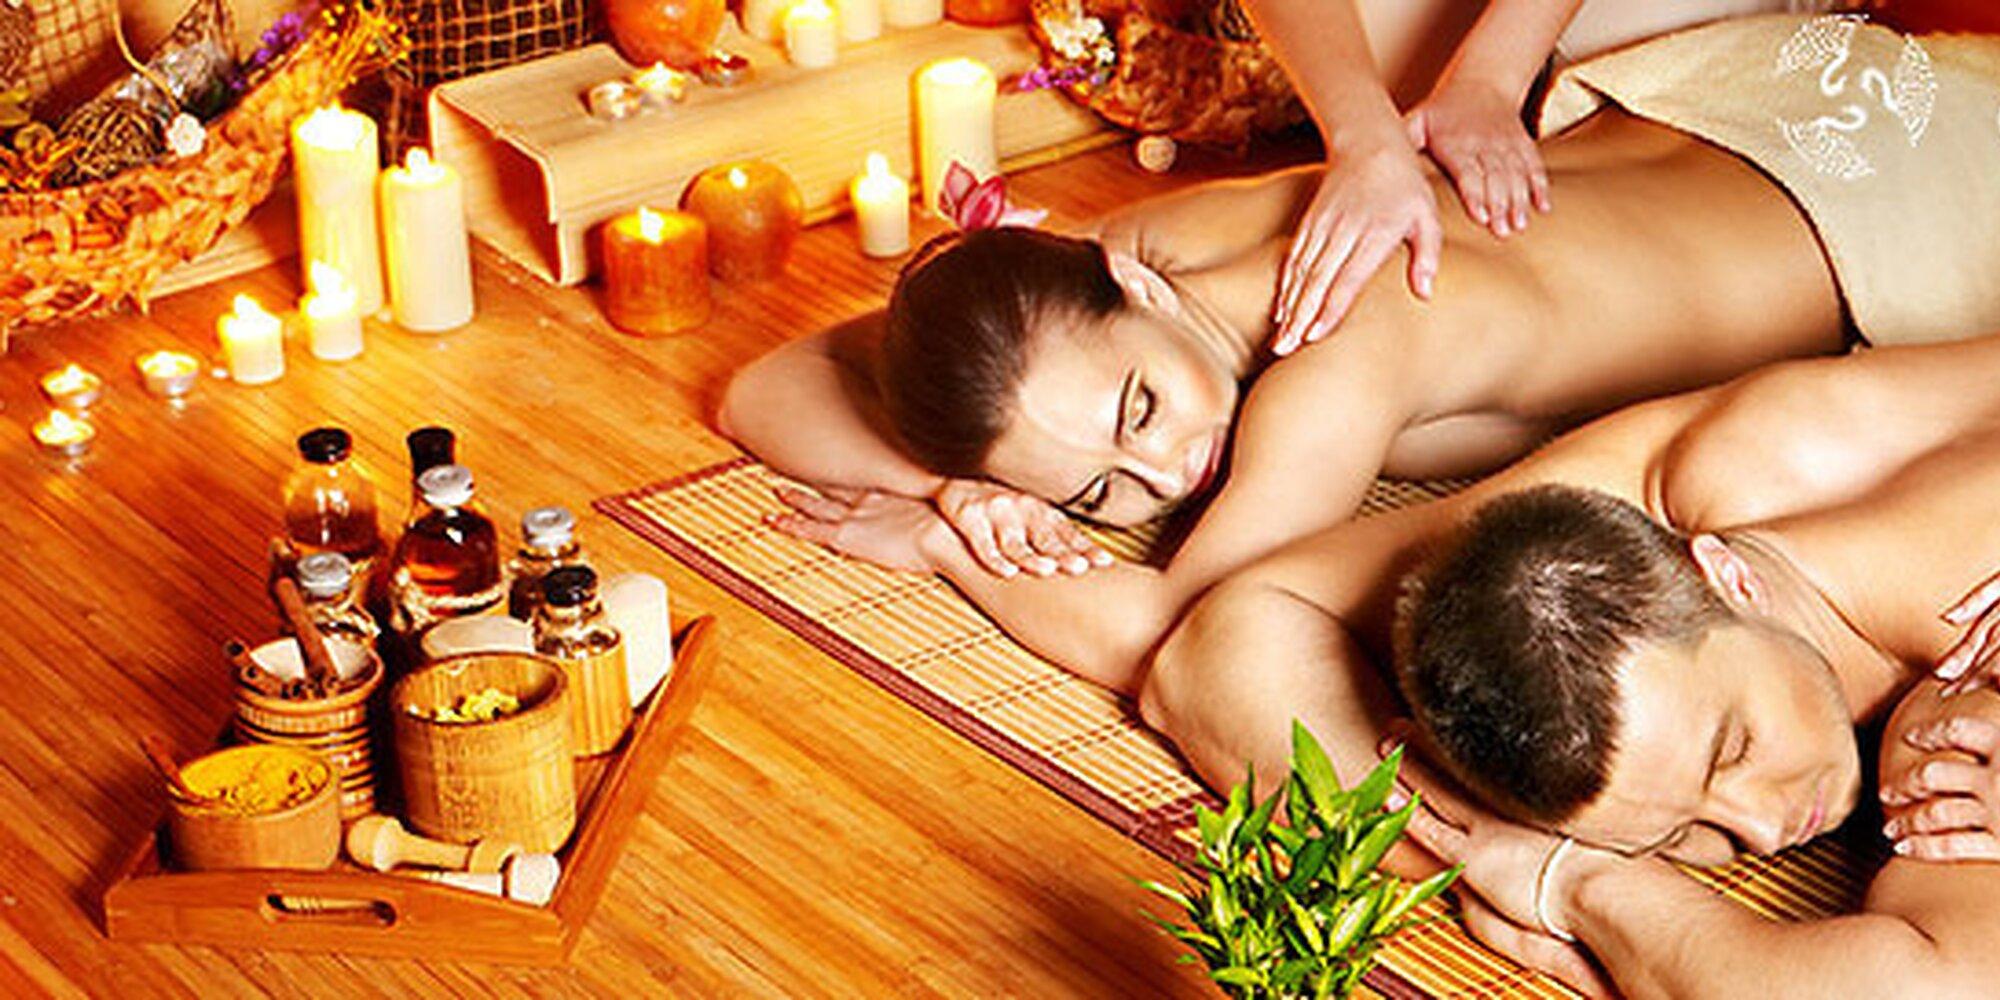 ero-spa-massazh